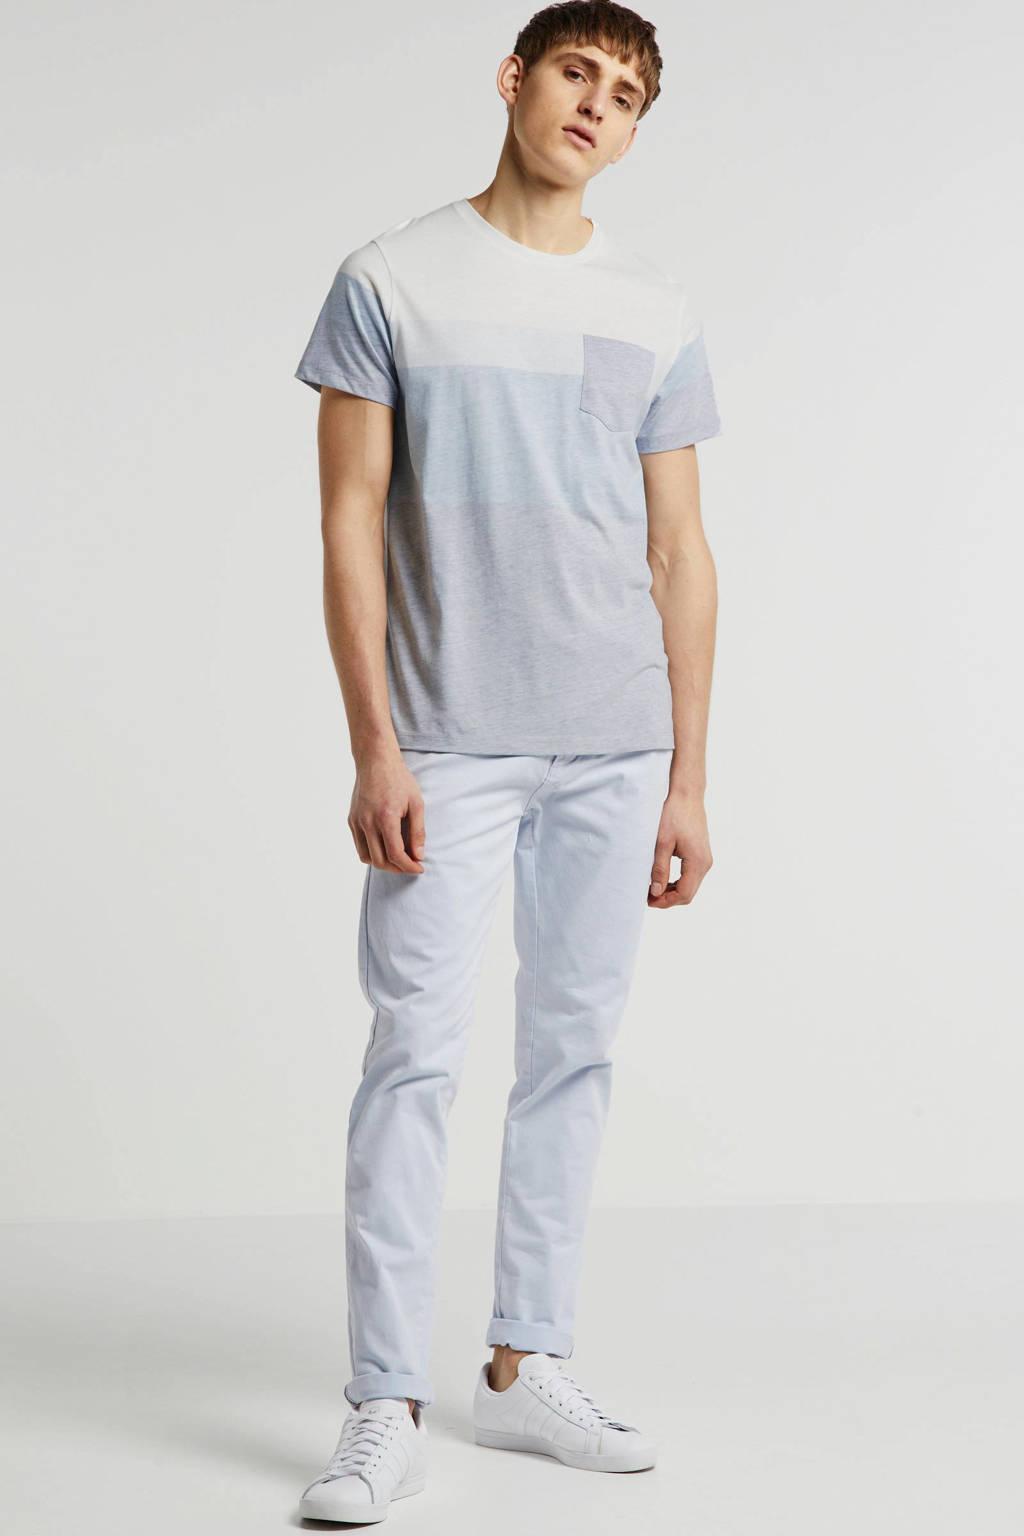 Redefined Rebel gestreept T-shirt grijs, Grijs